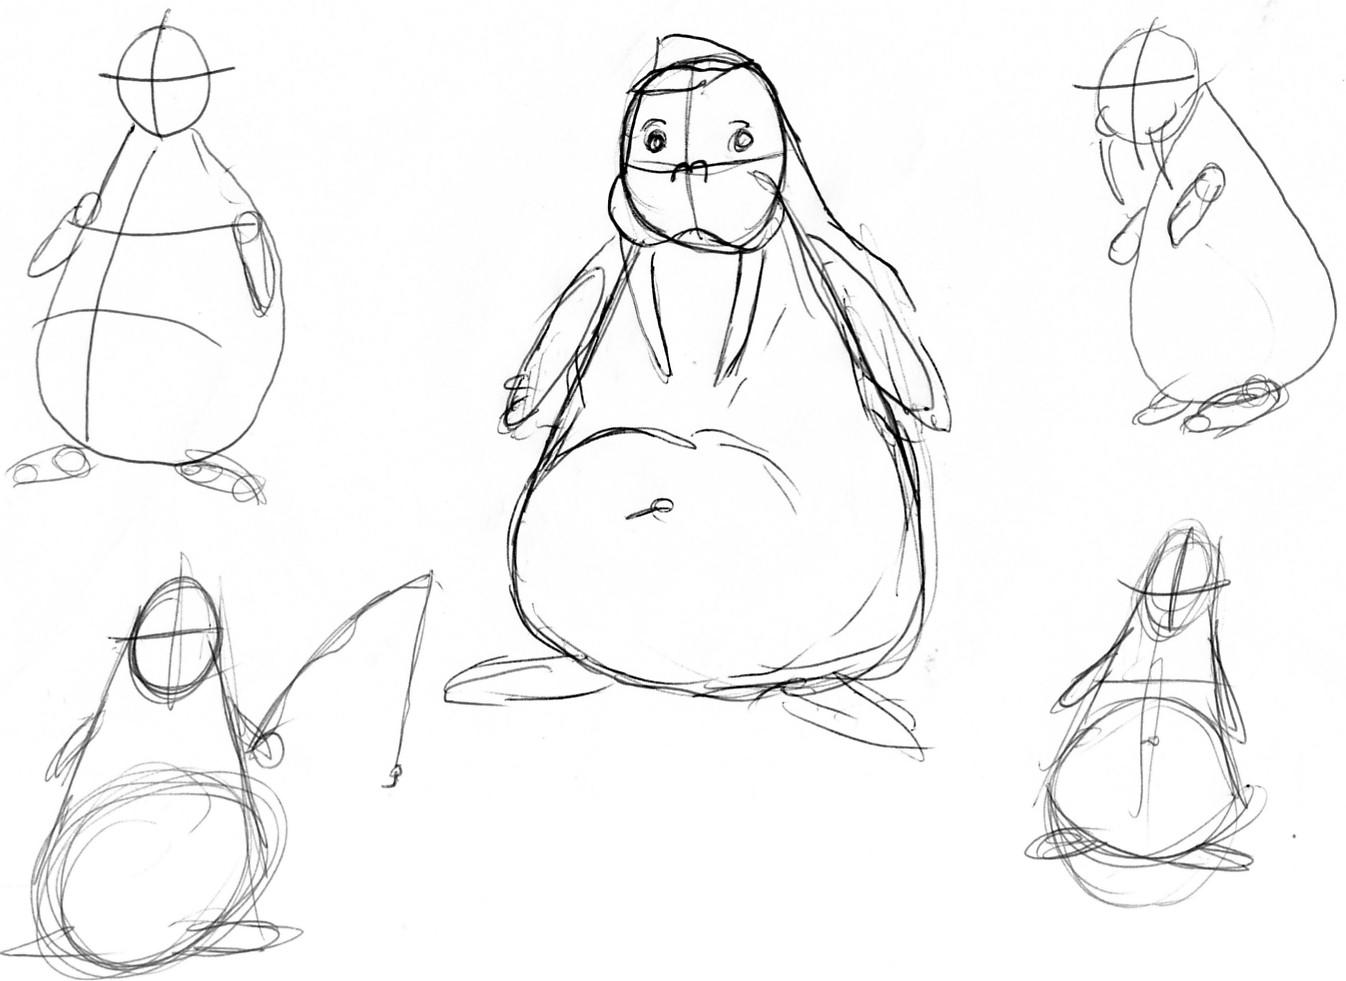 Animatie 2 Periode 8 Character Design